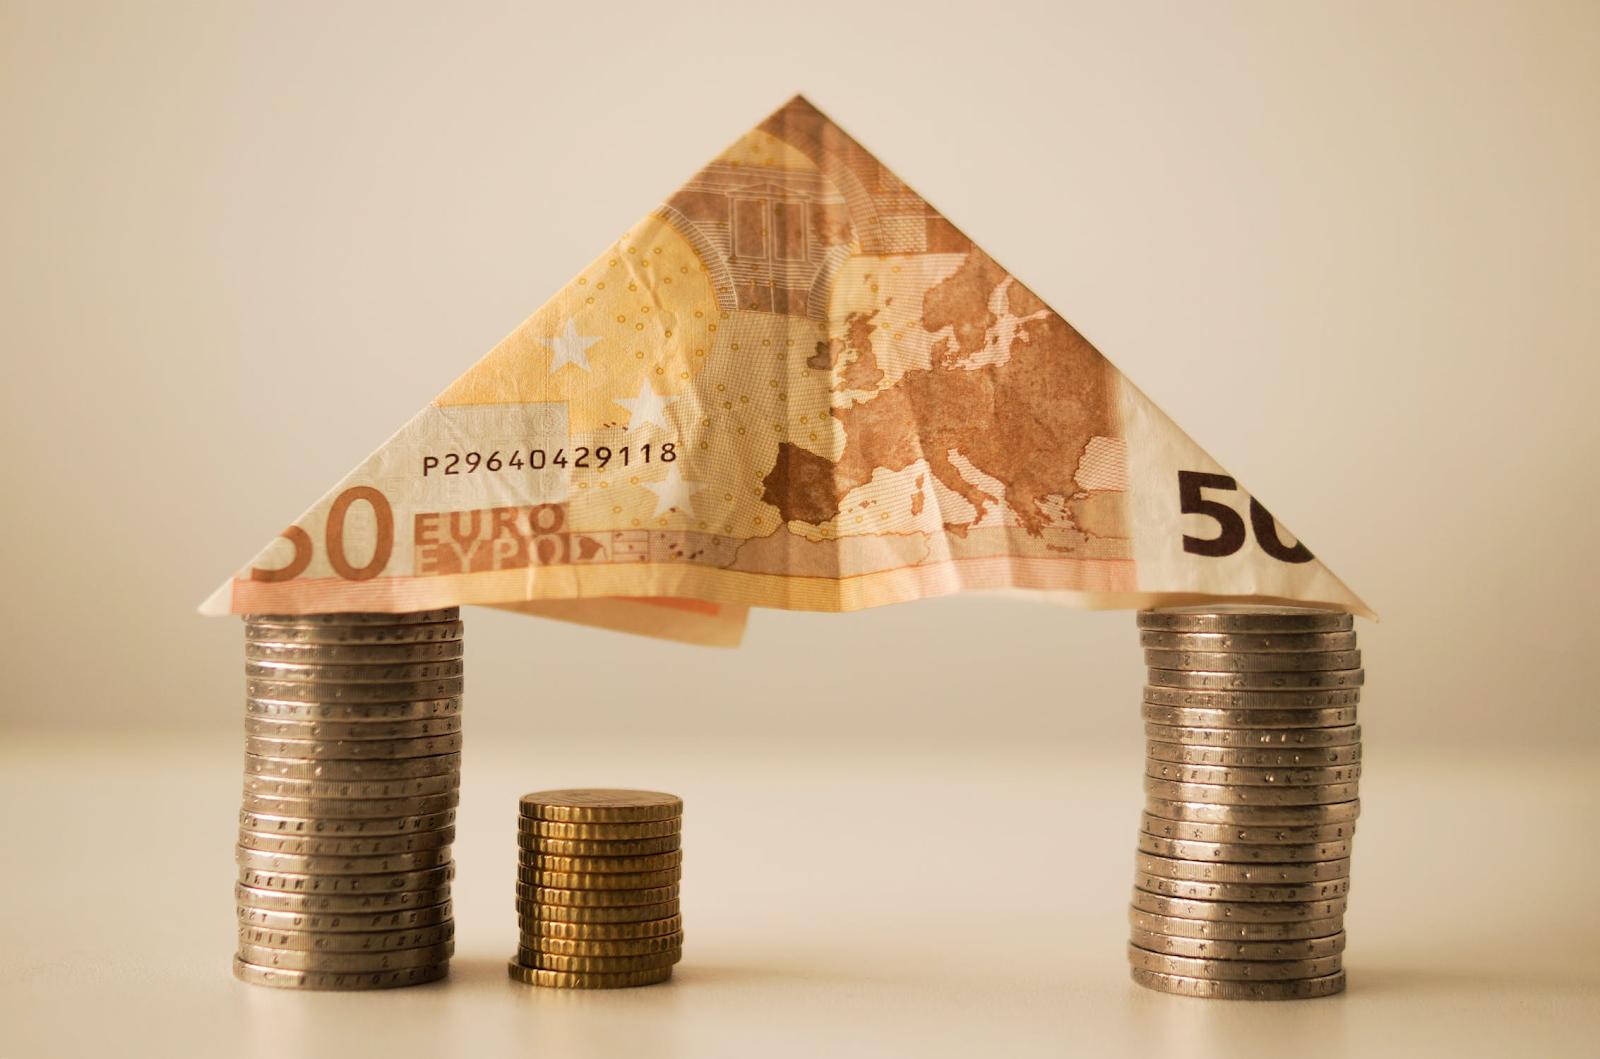 Diversas moedas empilhadas com uma nota de cinquenta euros em cima.